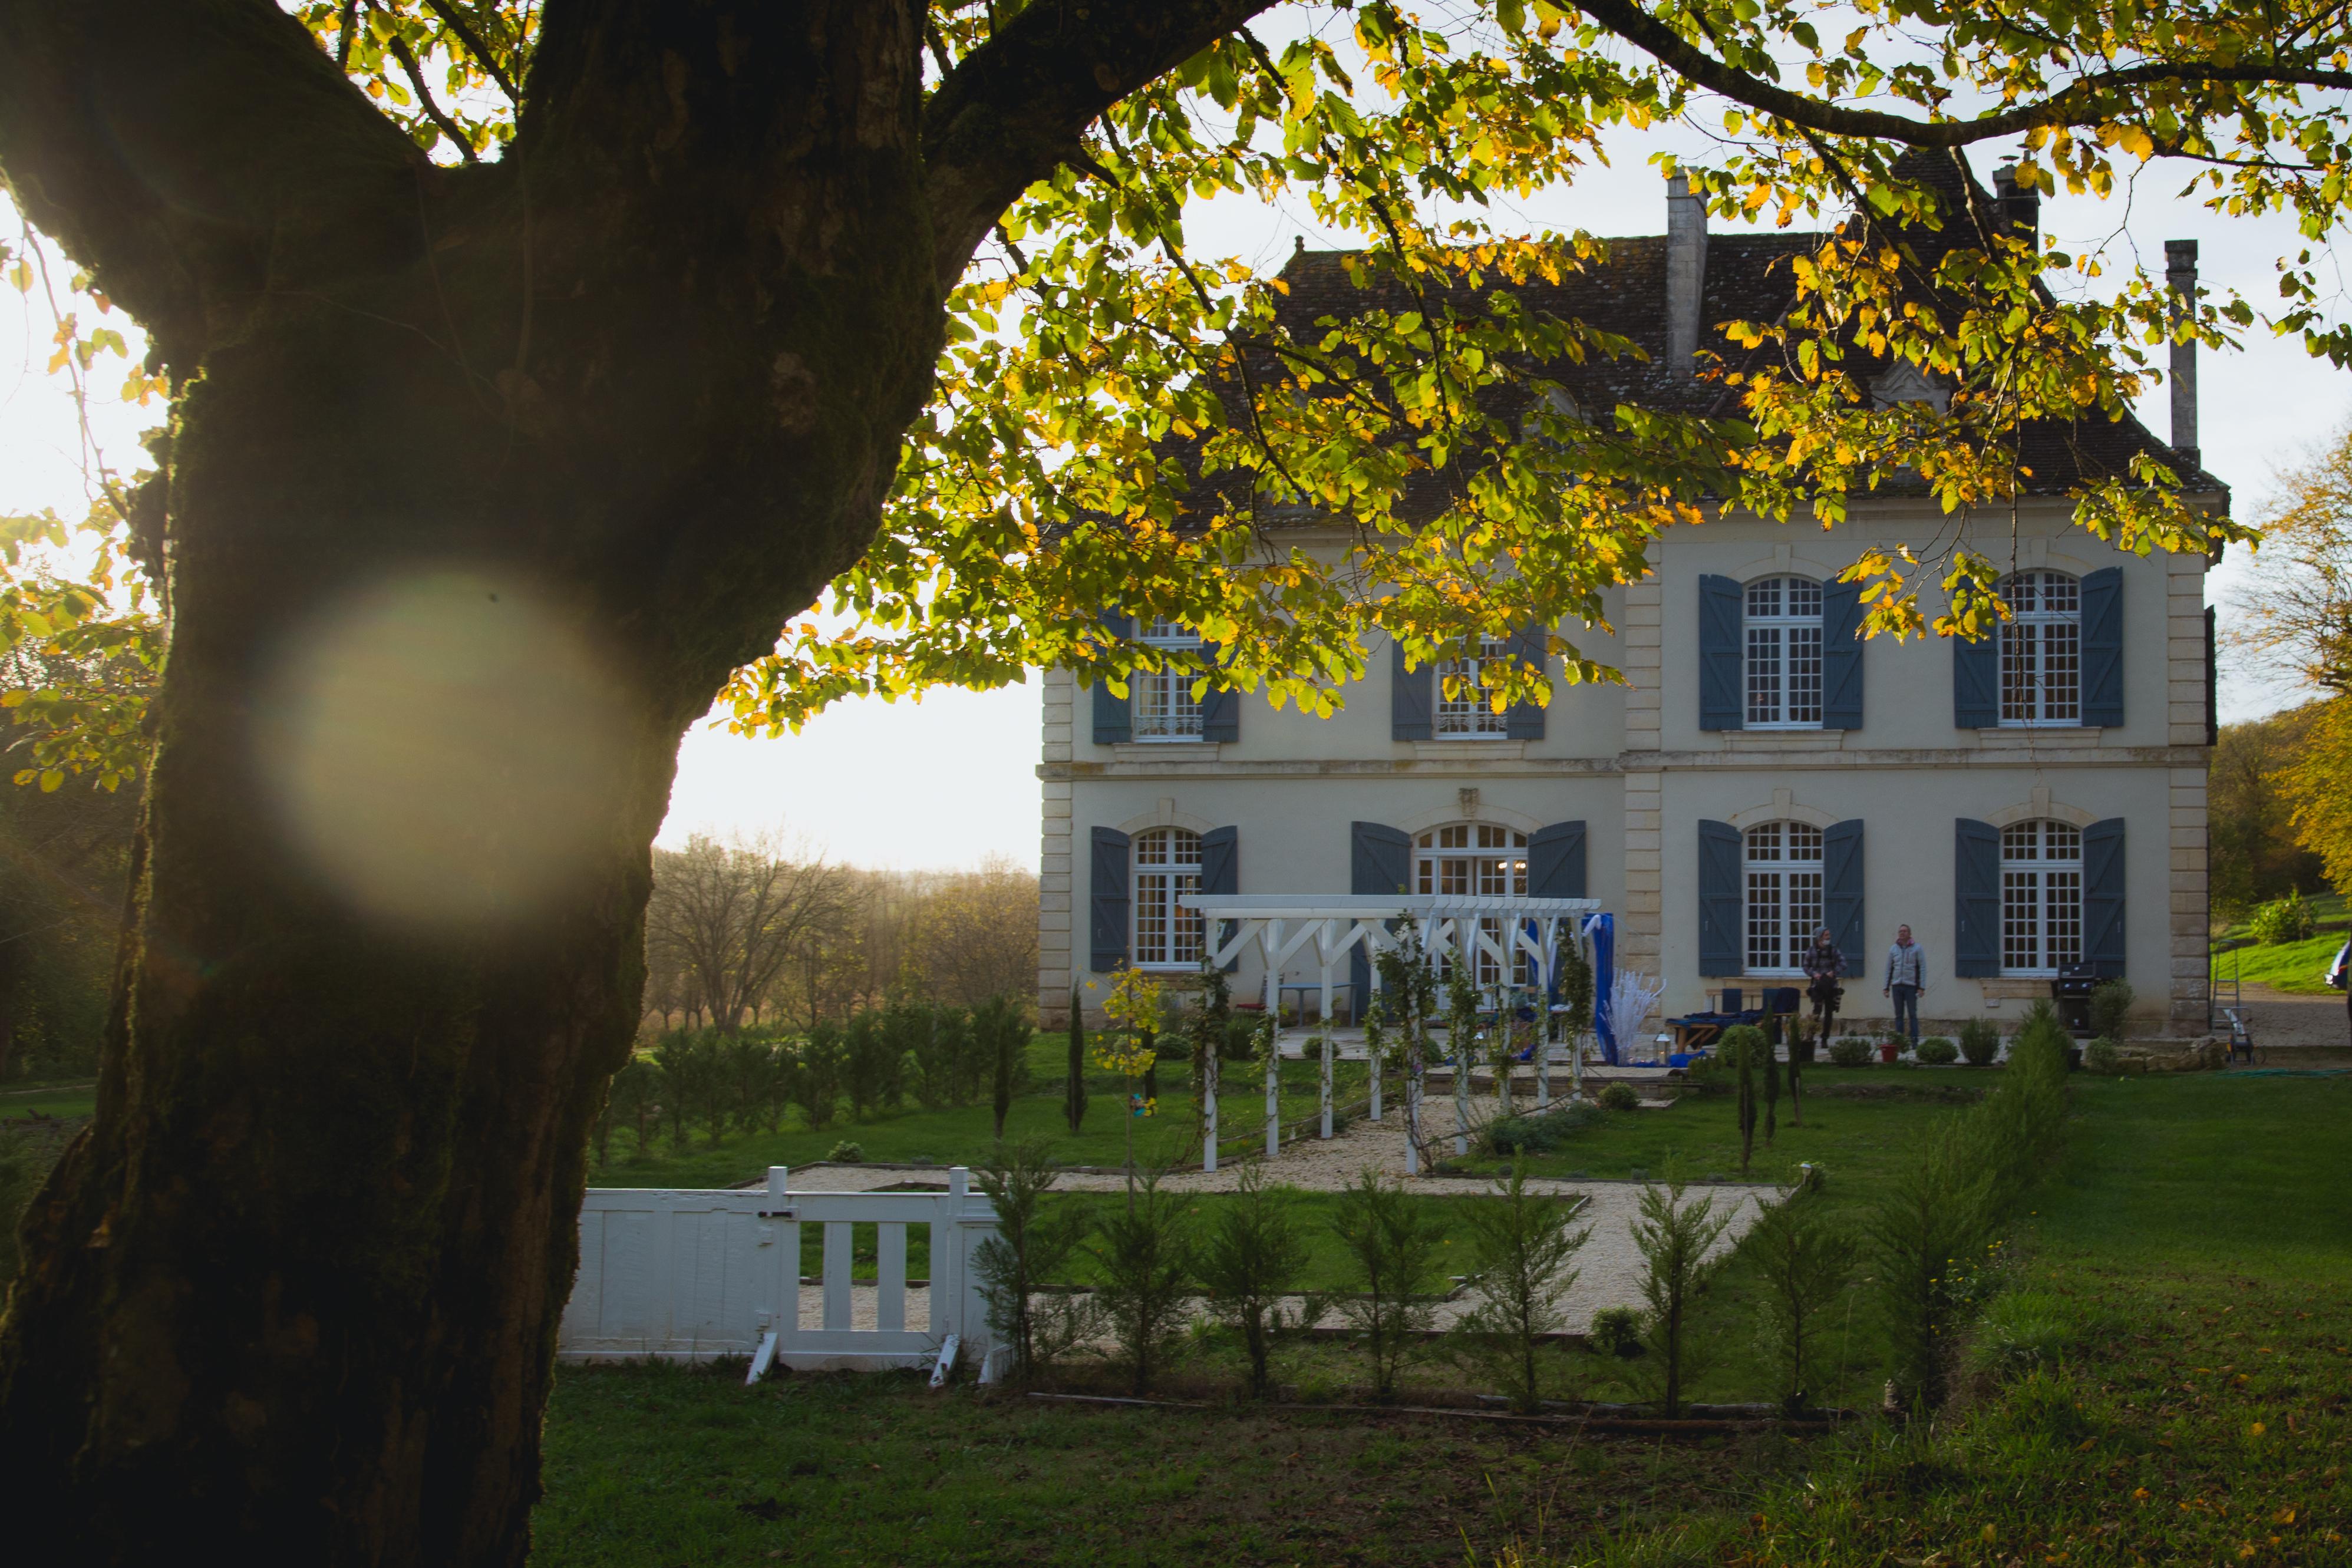 PerfectDayPhotoshoot-ChateaudelaForge-29